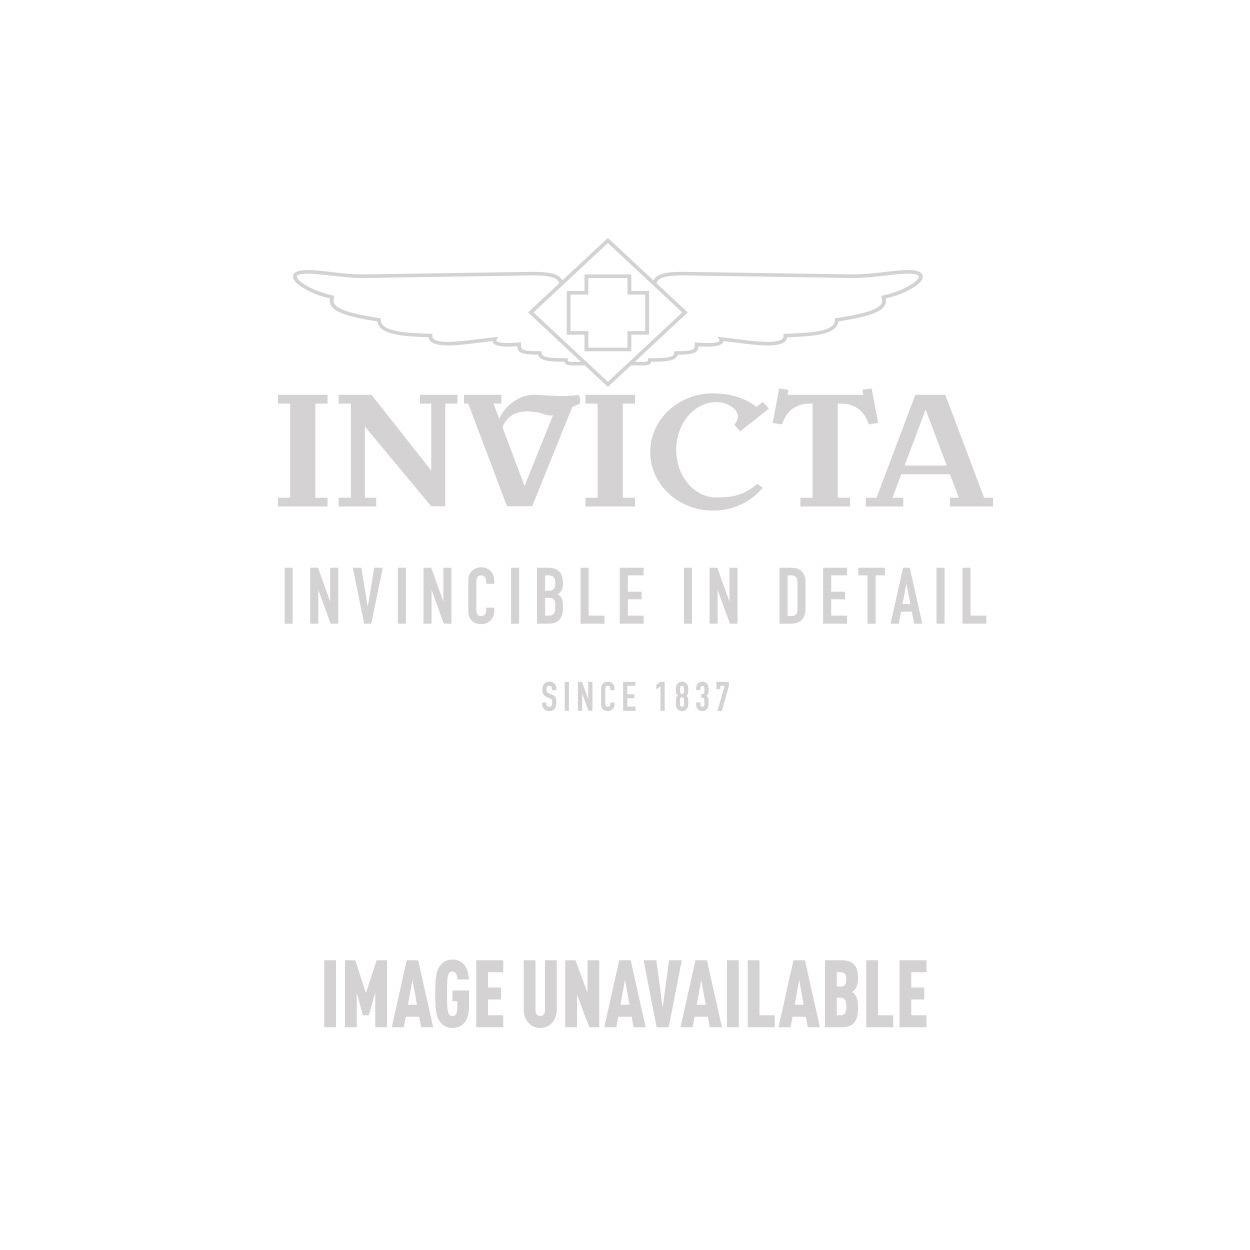 Invicta Model 28203